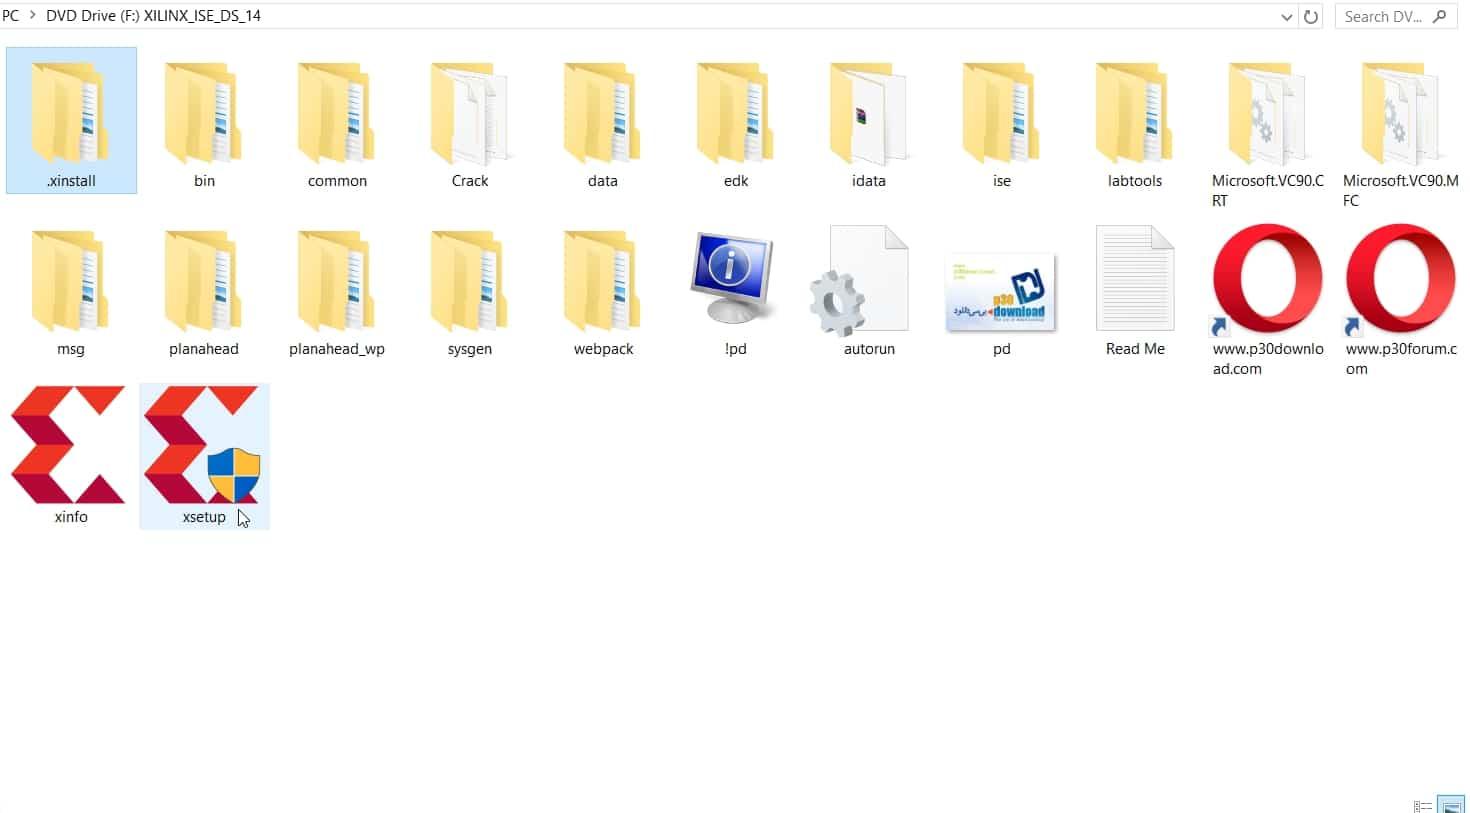 نمایش فایلهای نصبی نرمافزار ISE